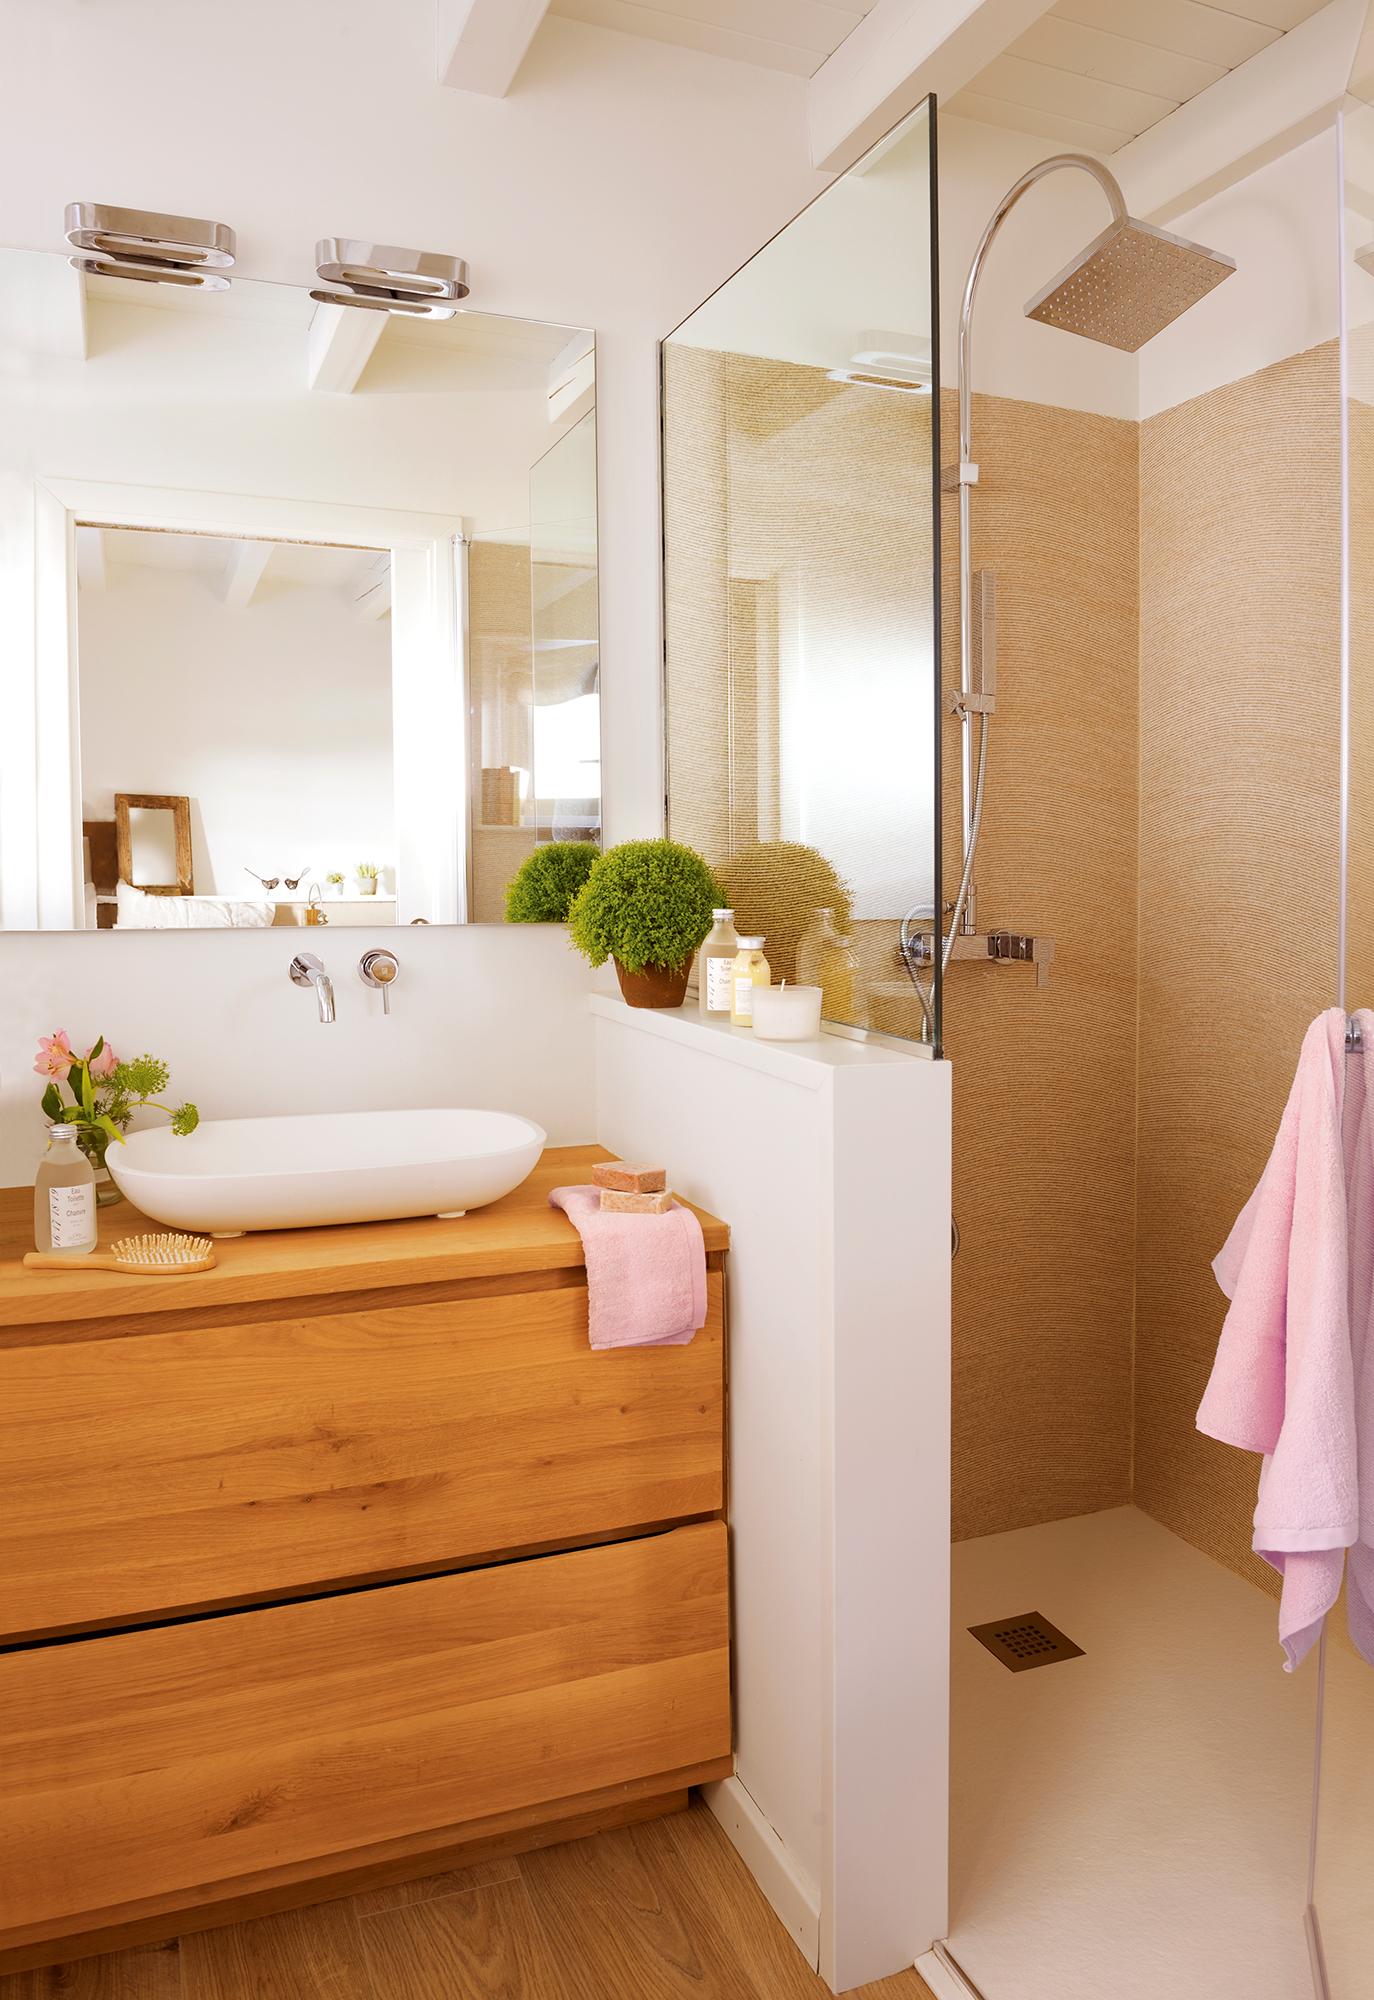 Ba era o ducha pros y contras y claves para elegir - Estantes para interior ducha ...